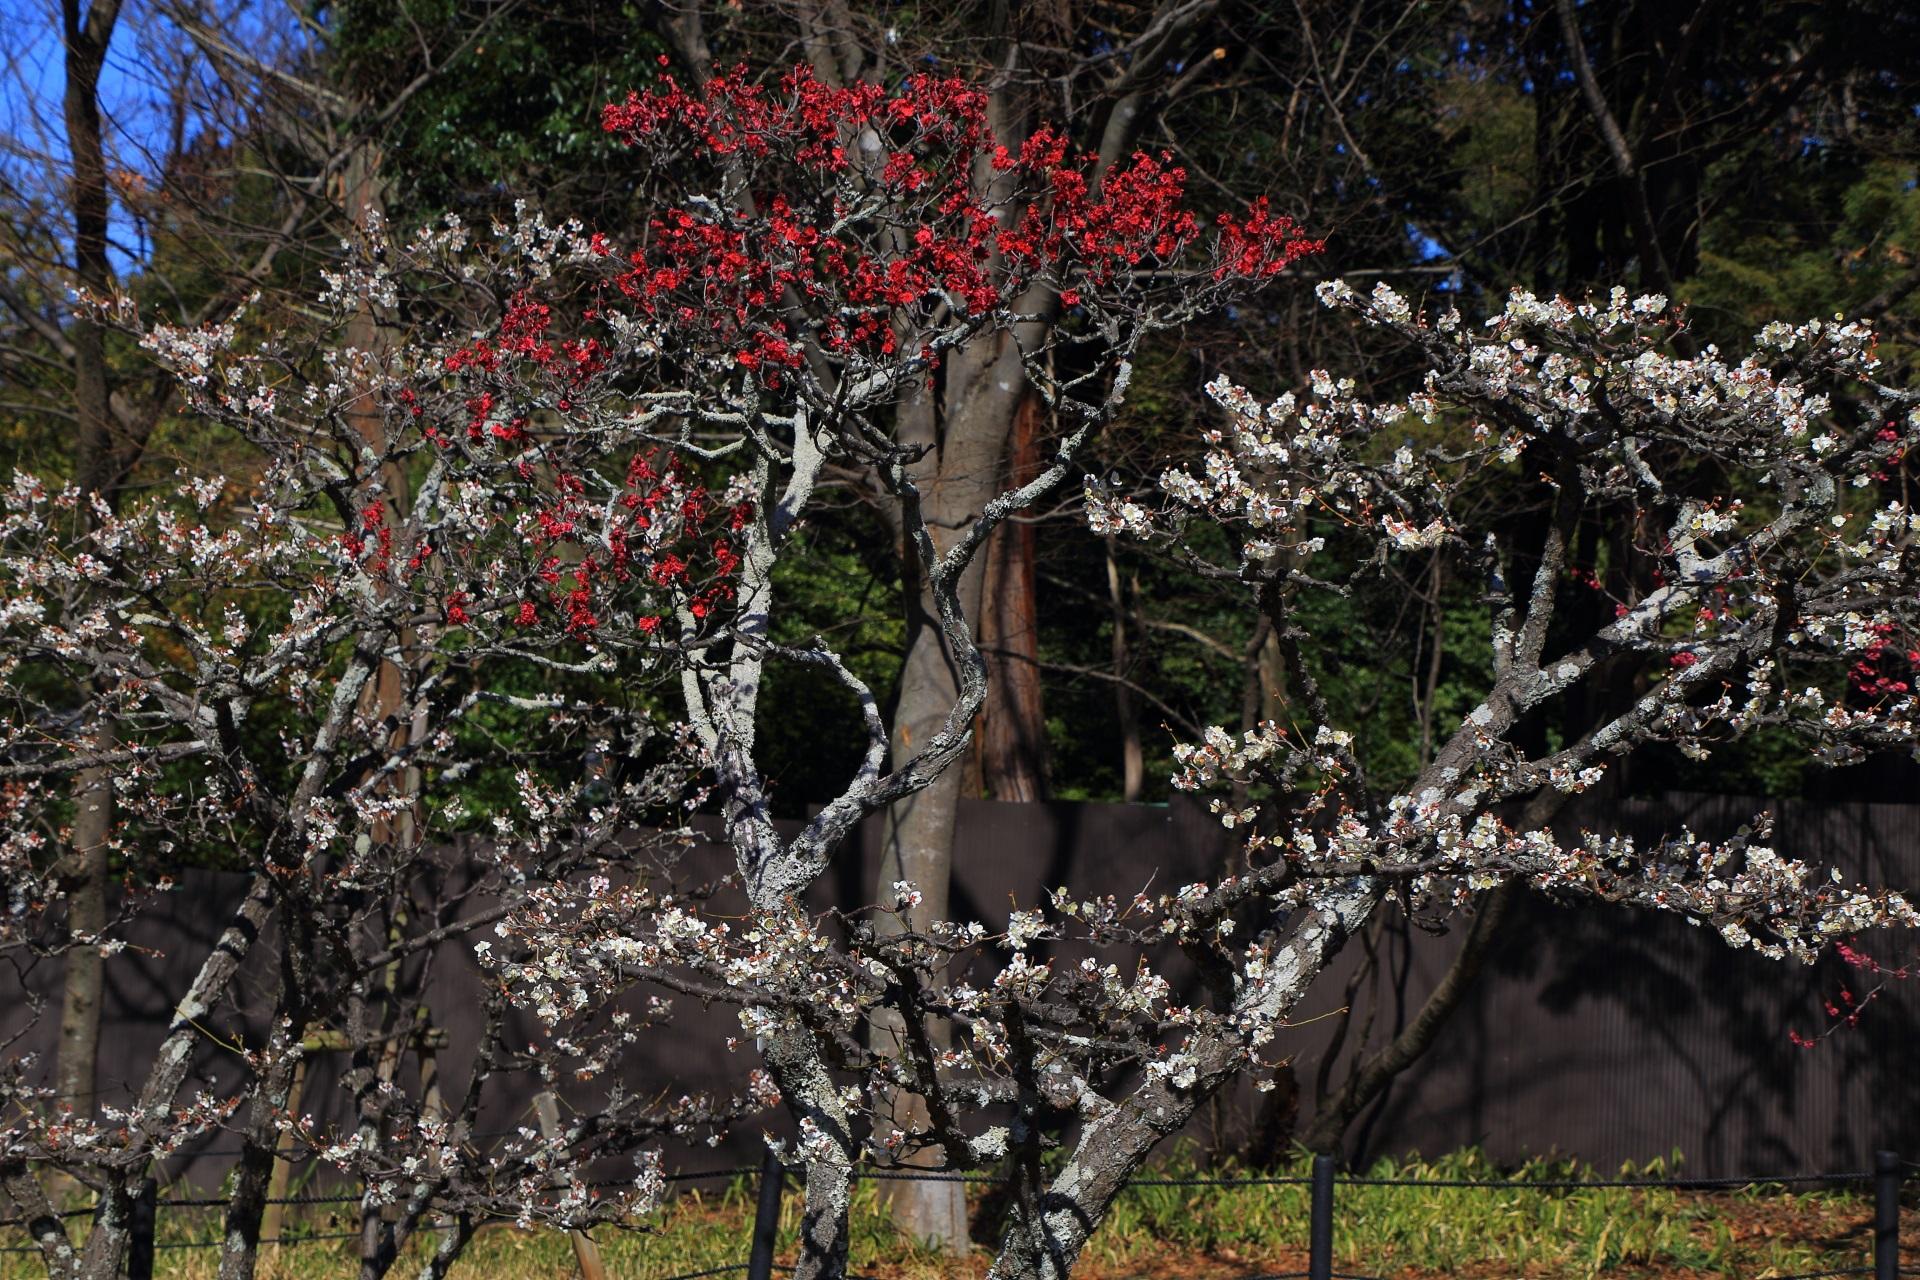 長岡天満宮の梅林に咲く鮮やかな紅い梅の花と華やかな白い梅の花